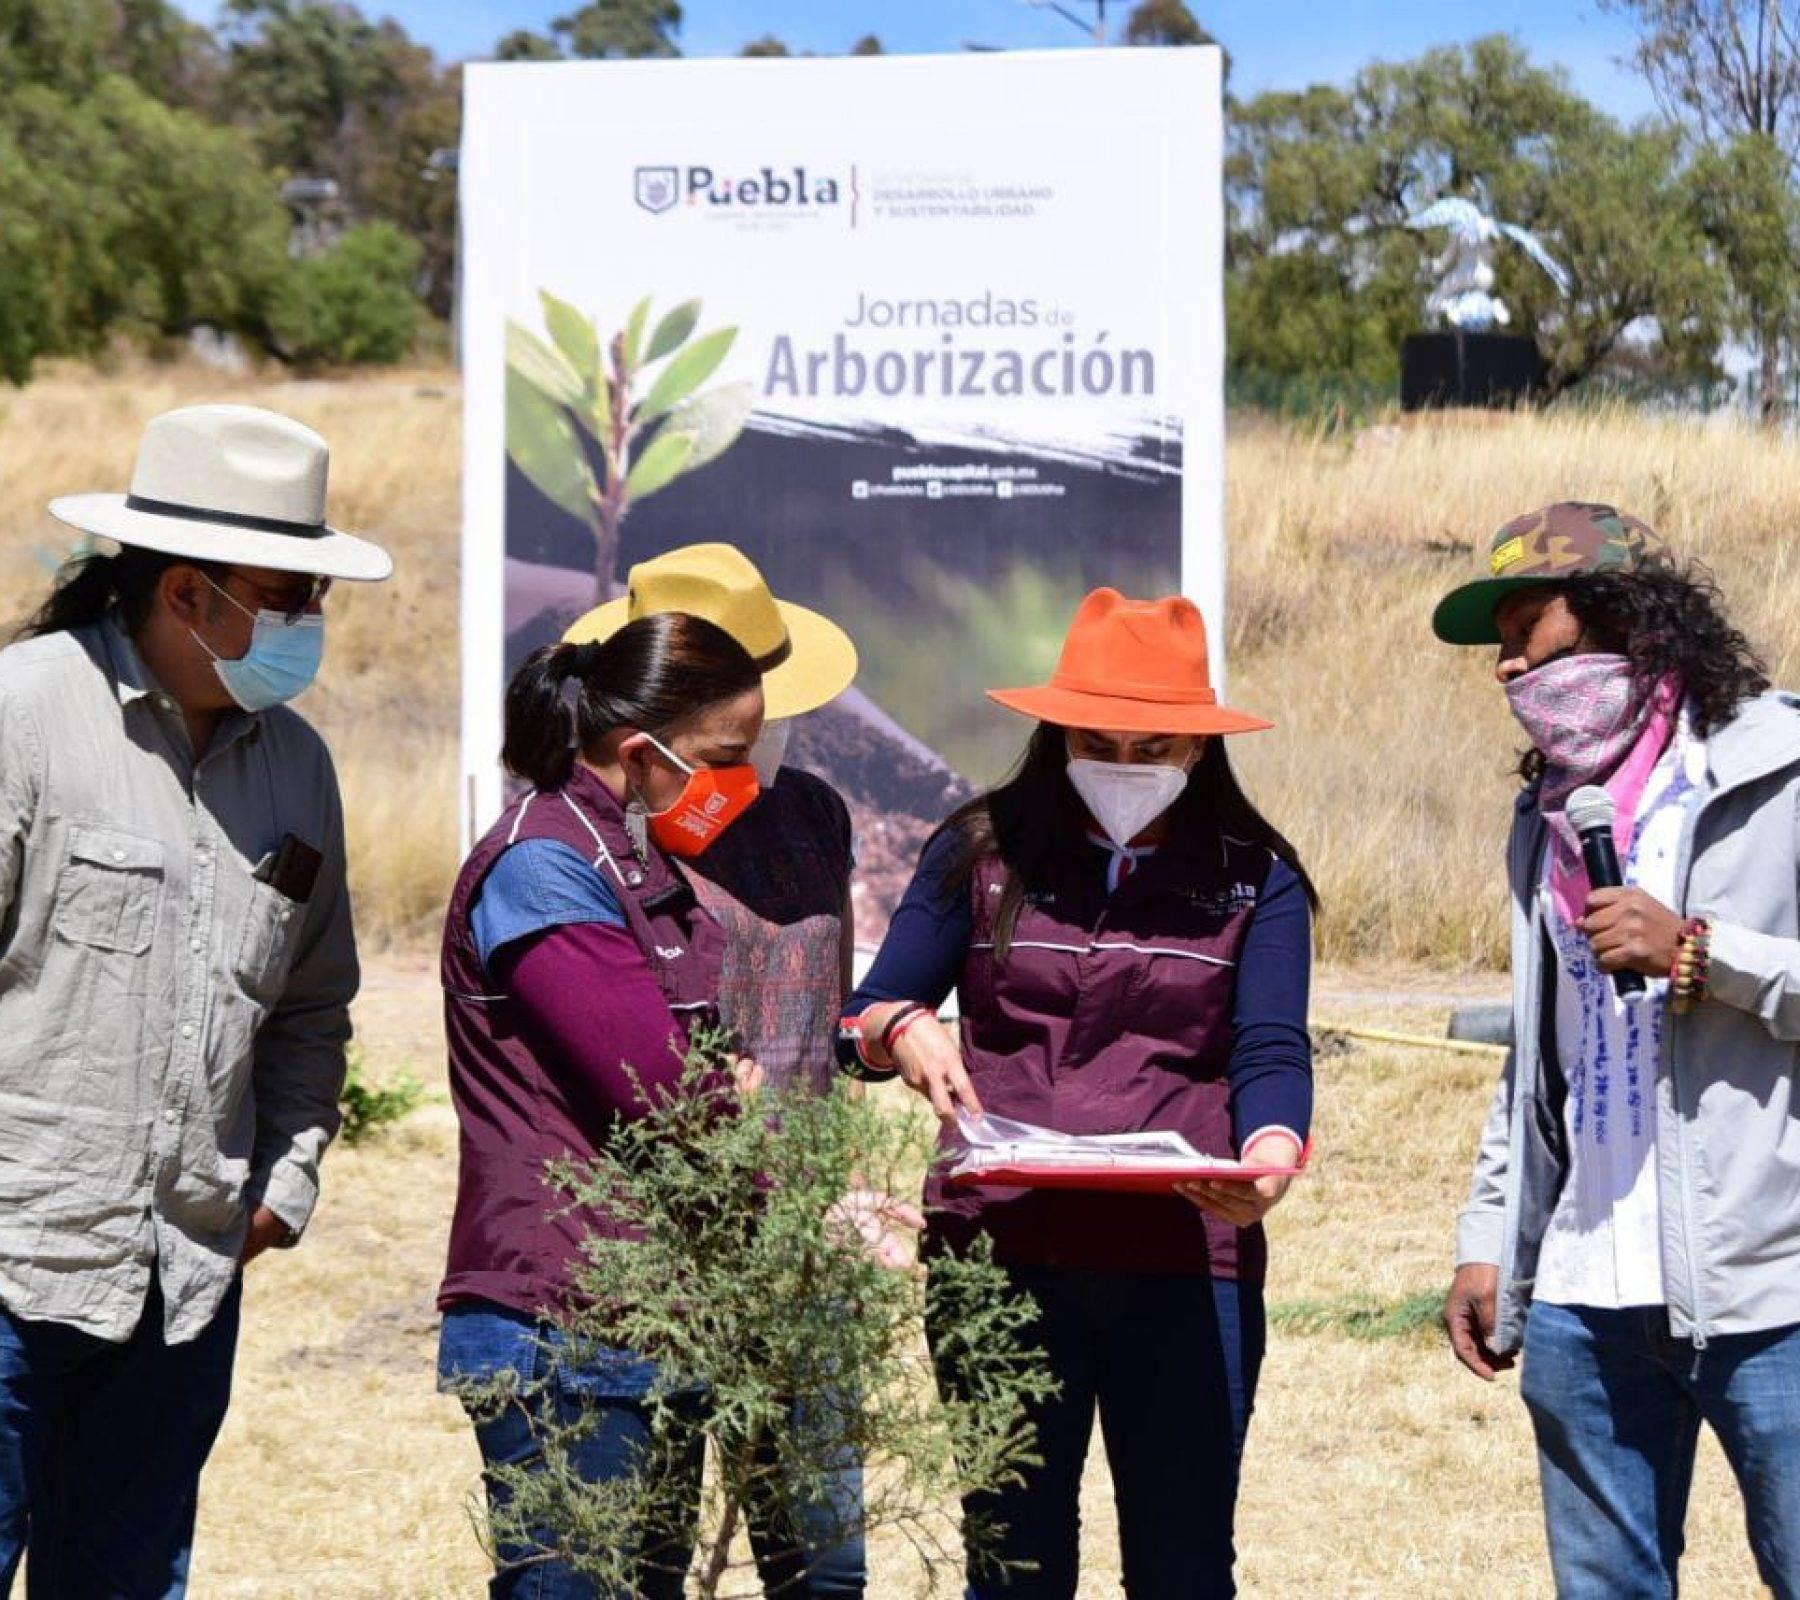 El proyecto consiste en la plantación de 10 mil ejemplares arbóreos durante 120 jornadas de reforestación, lo que representa una inversión de 1 millón 157 mil 593 pesos